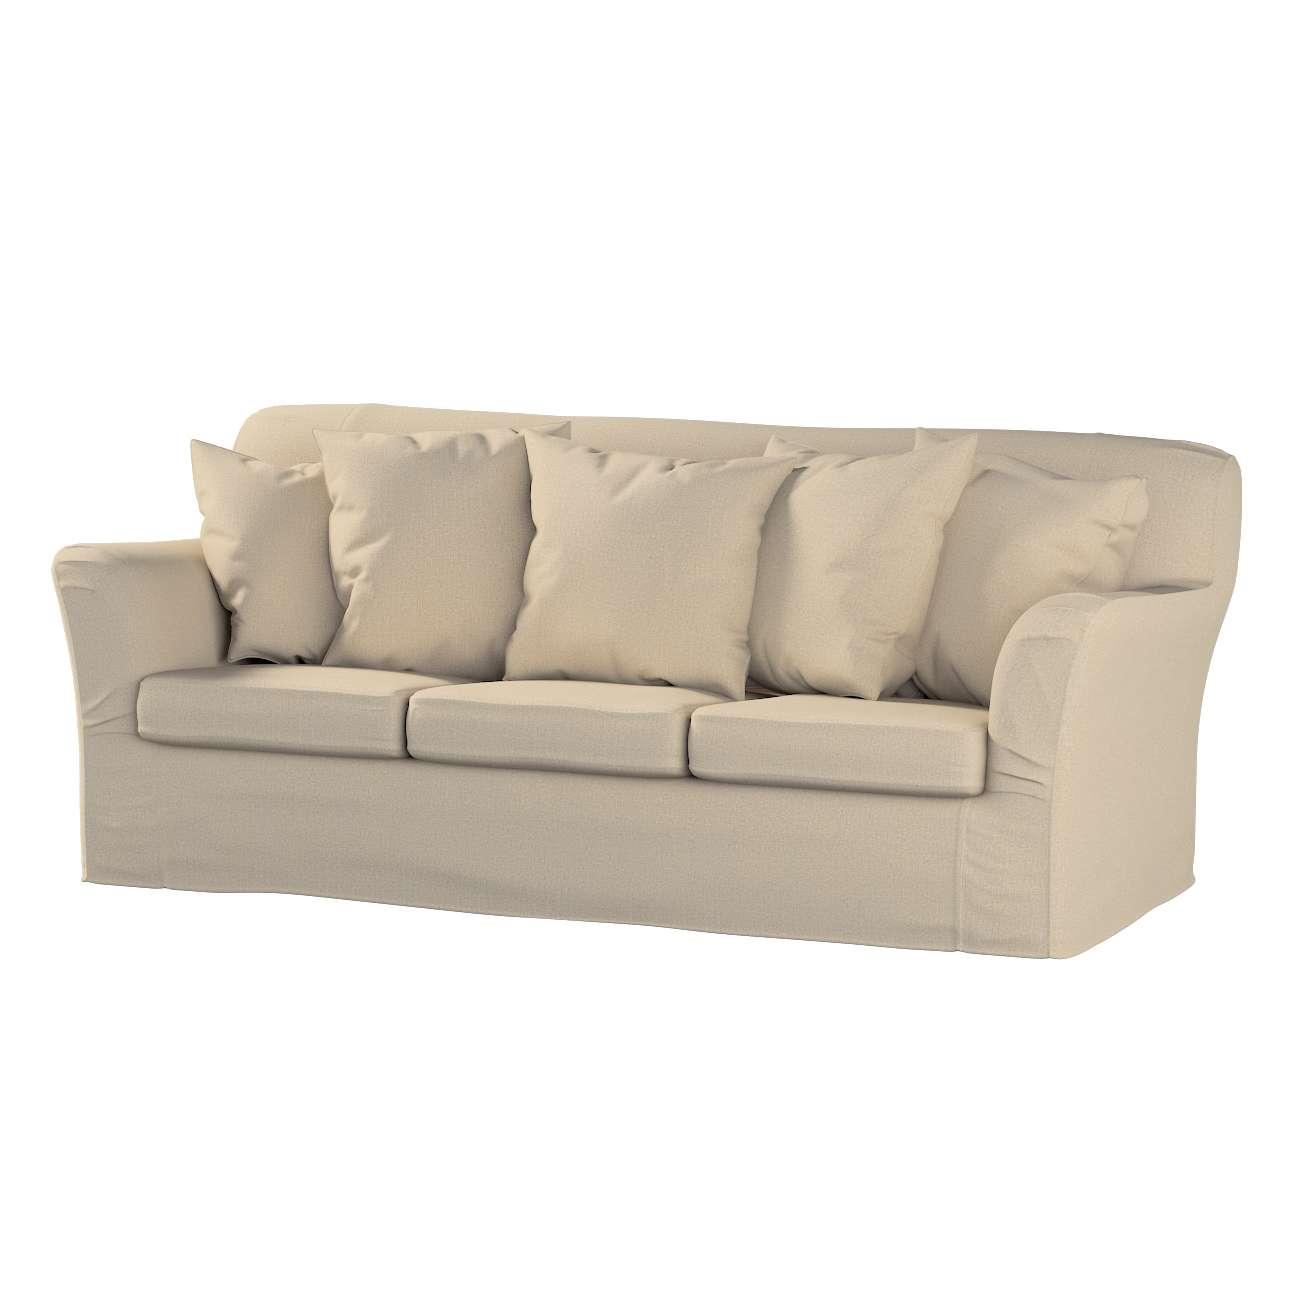 TOMELILLA  trivietės sofos užvalkalas TOMELILLA trivietė sofa kolekcijoje Edinburgh , audinys: 115-78